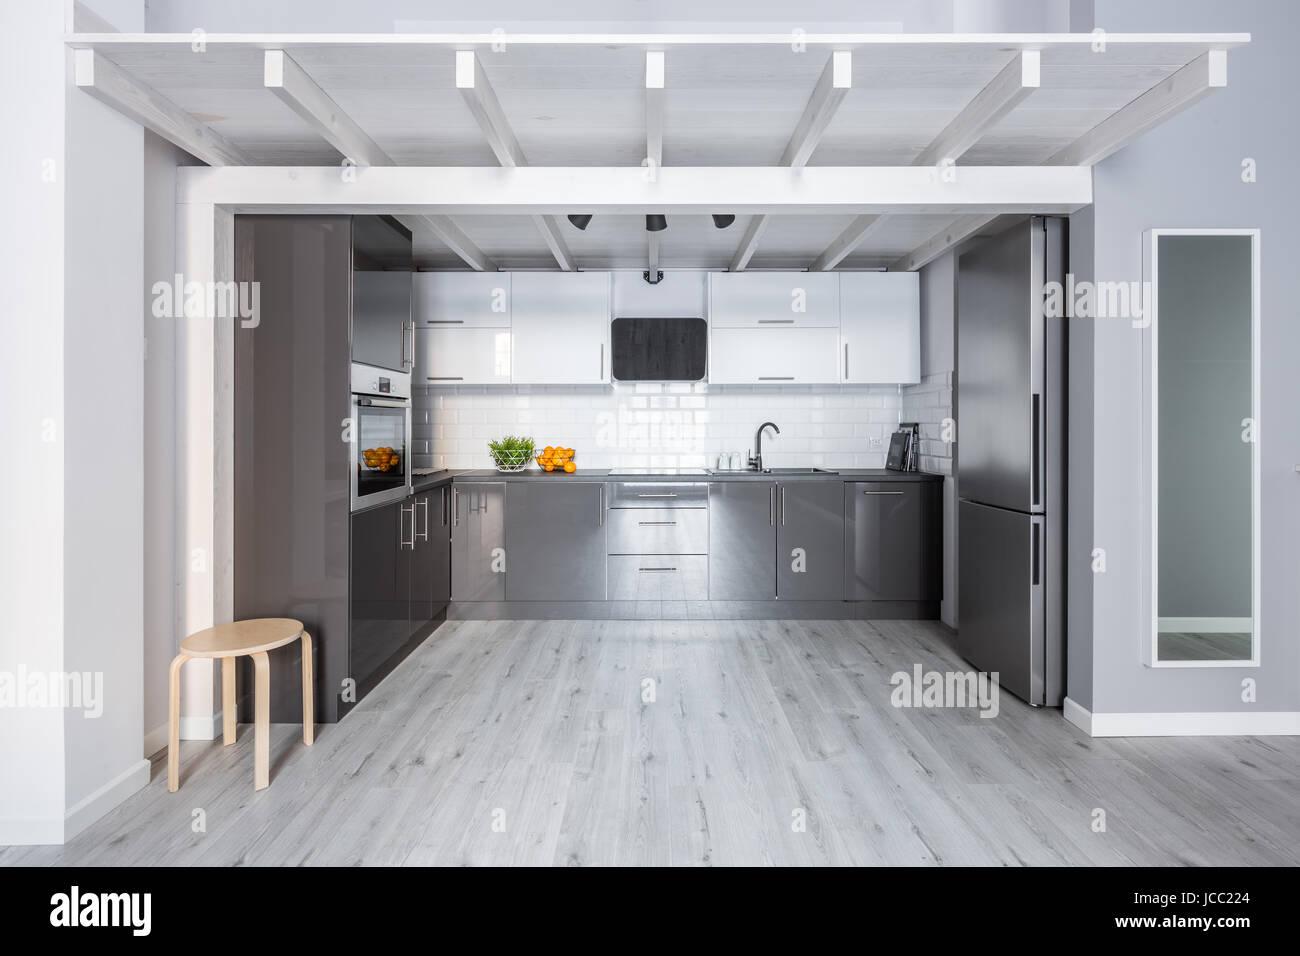 Soffitti In Legno Bianco : Cucina moderna con soffitto in legno pareti di mattoni e in bianco